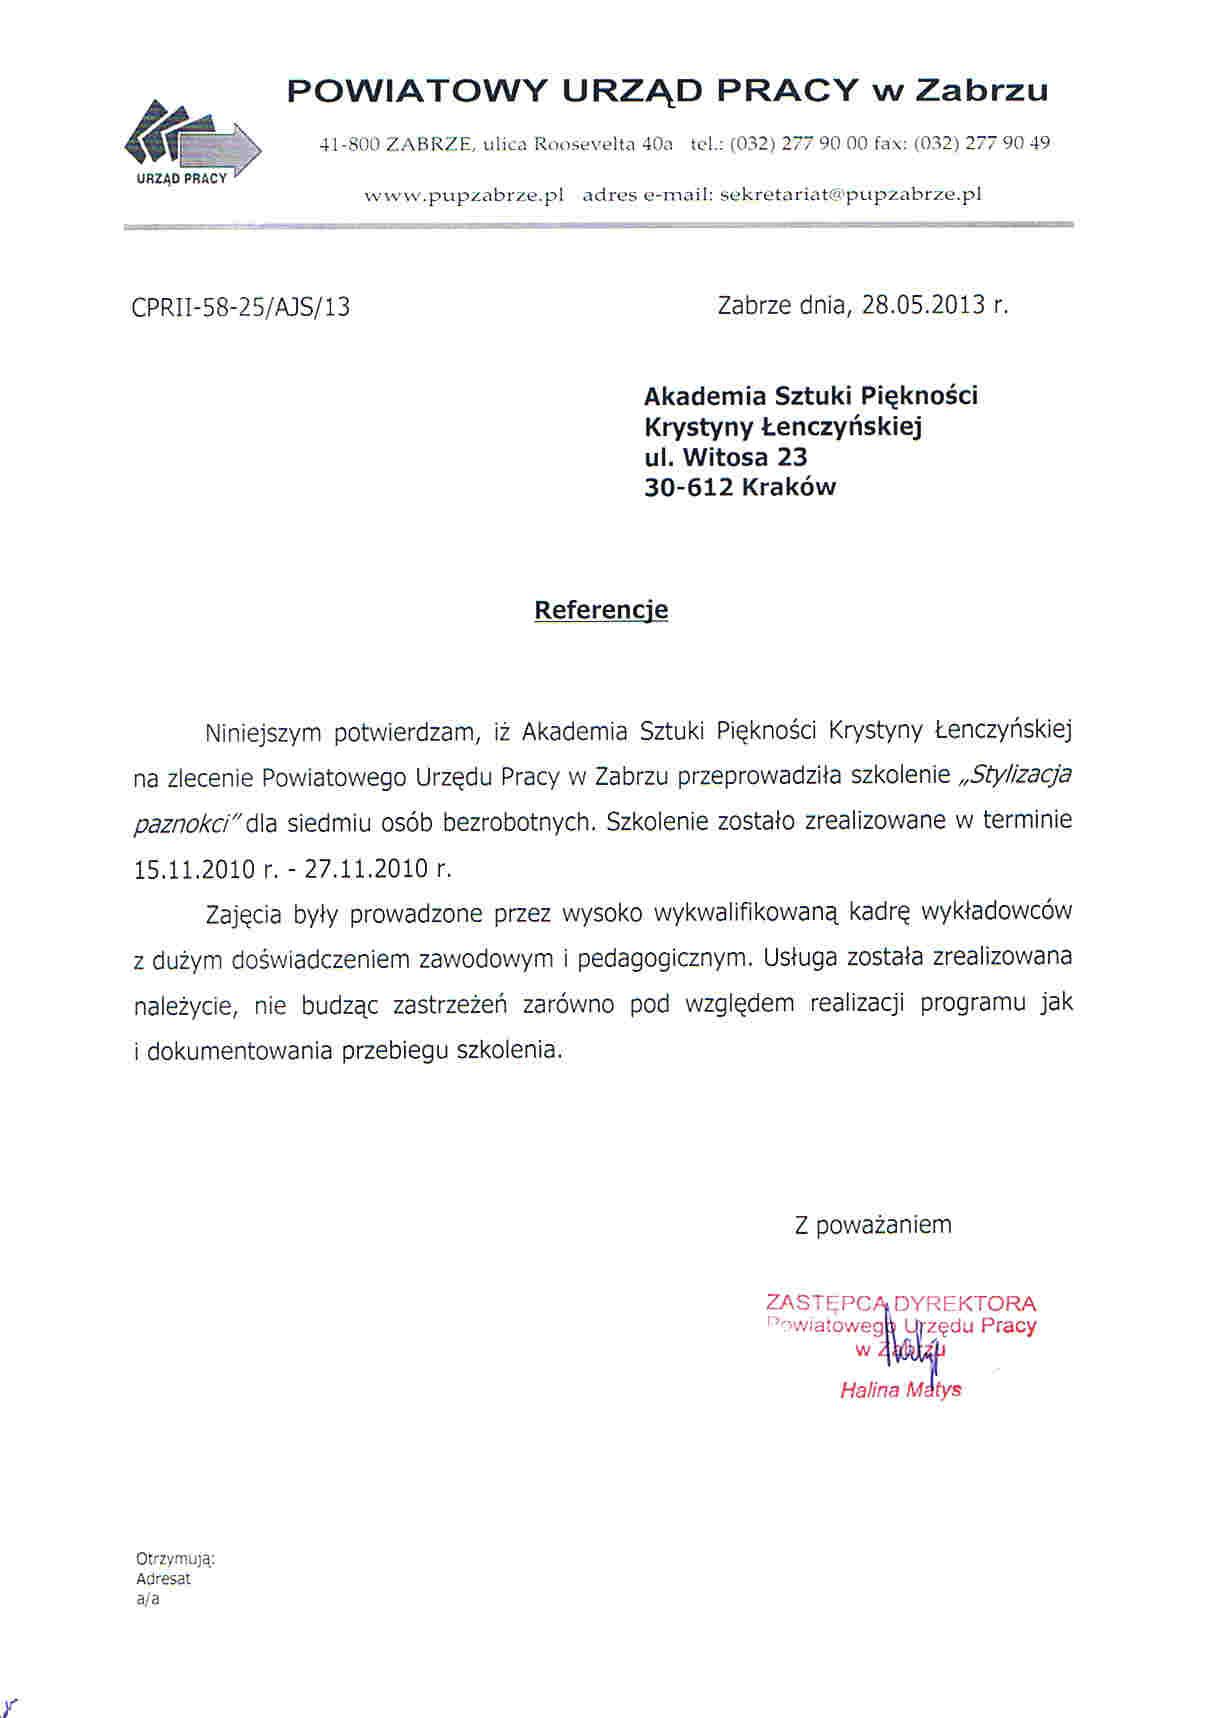 Powiatowy Urząd Pracy w Zabrzu-Zabrze